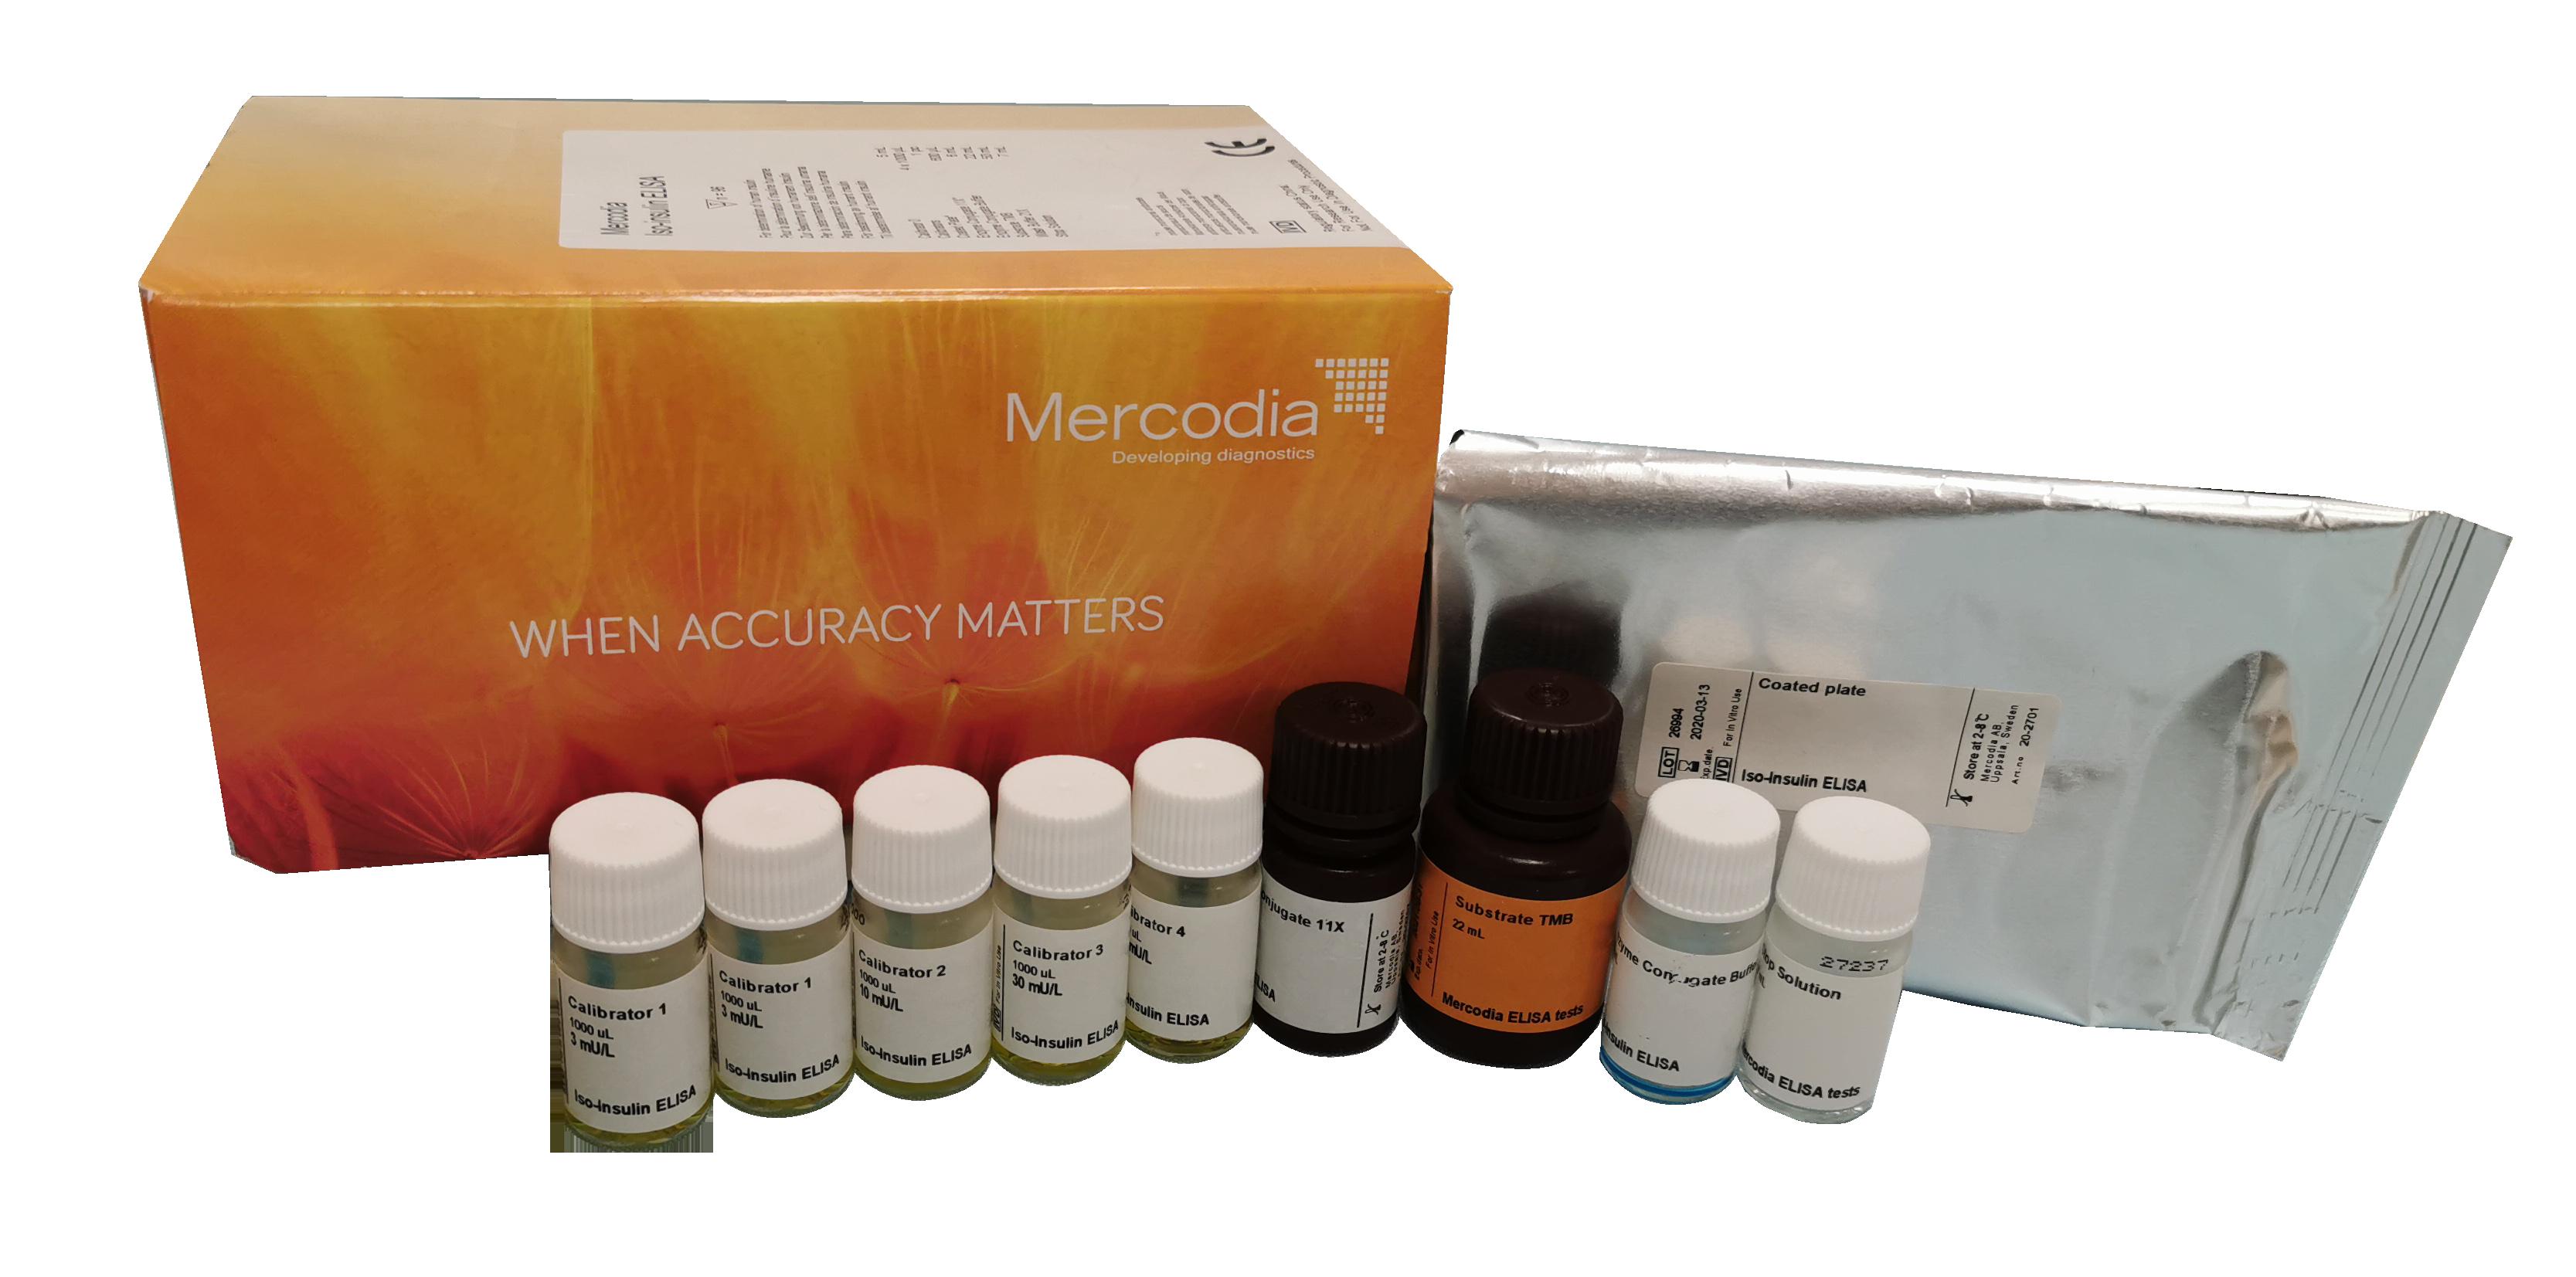 胰高血糖素Elisa检测试剂盒